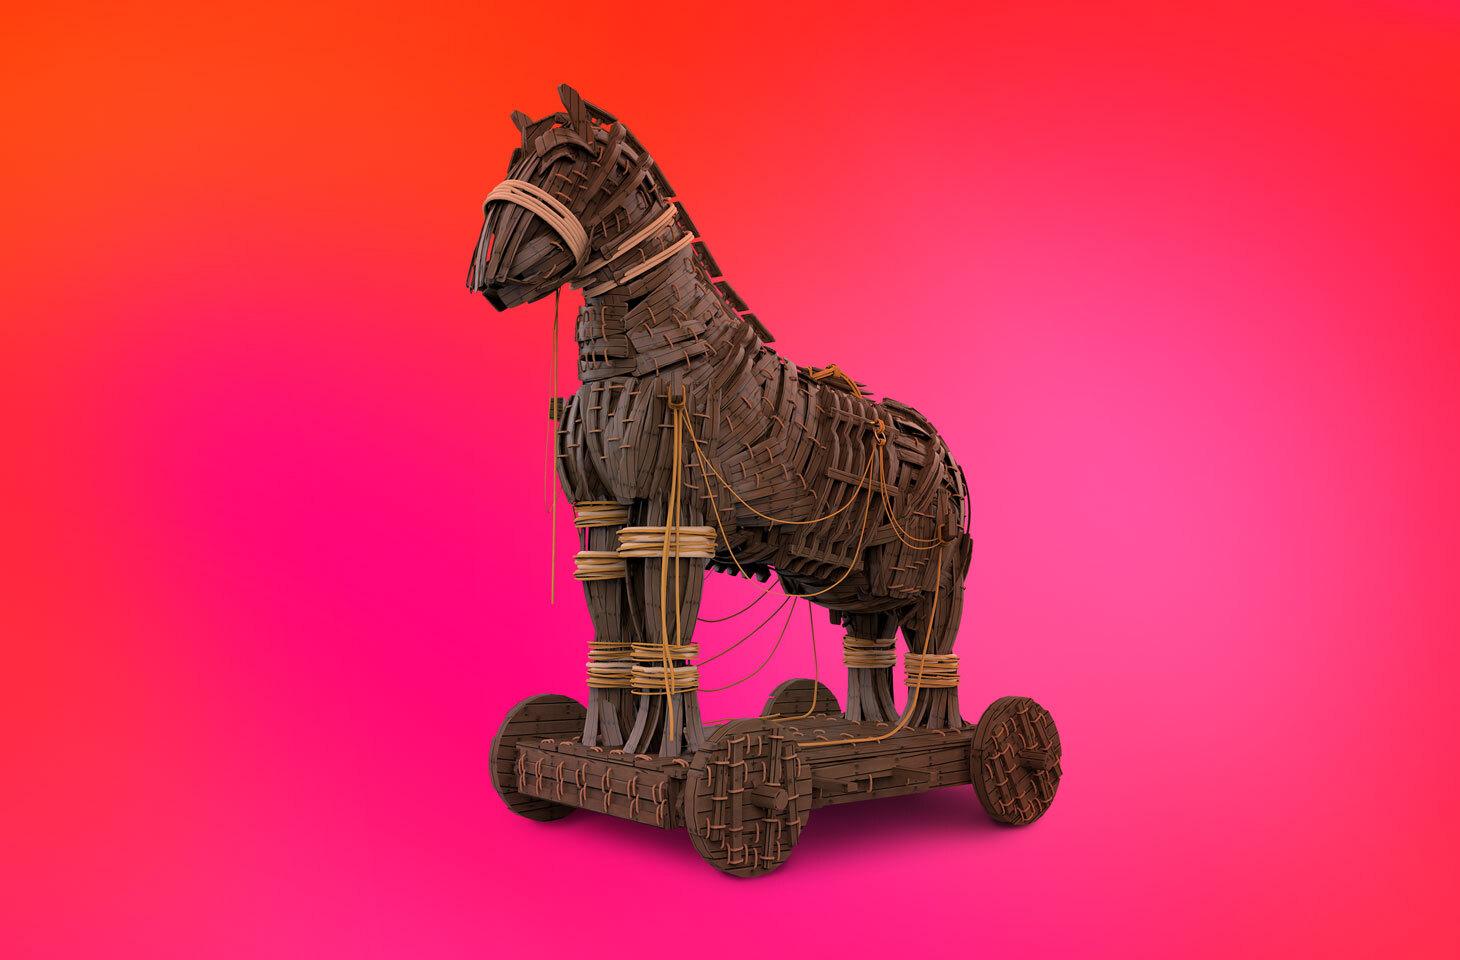 バンキング型トロイの木馬をばらまくスパムメール   カスペルスキー公式ブログ